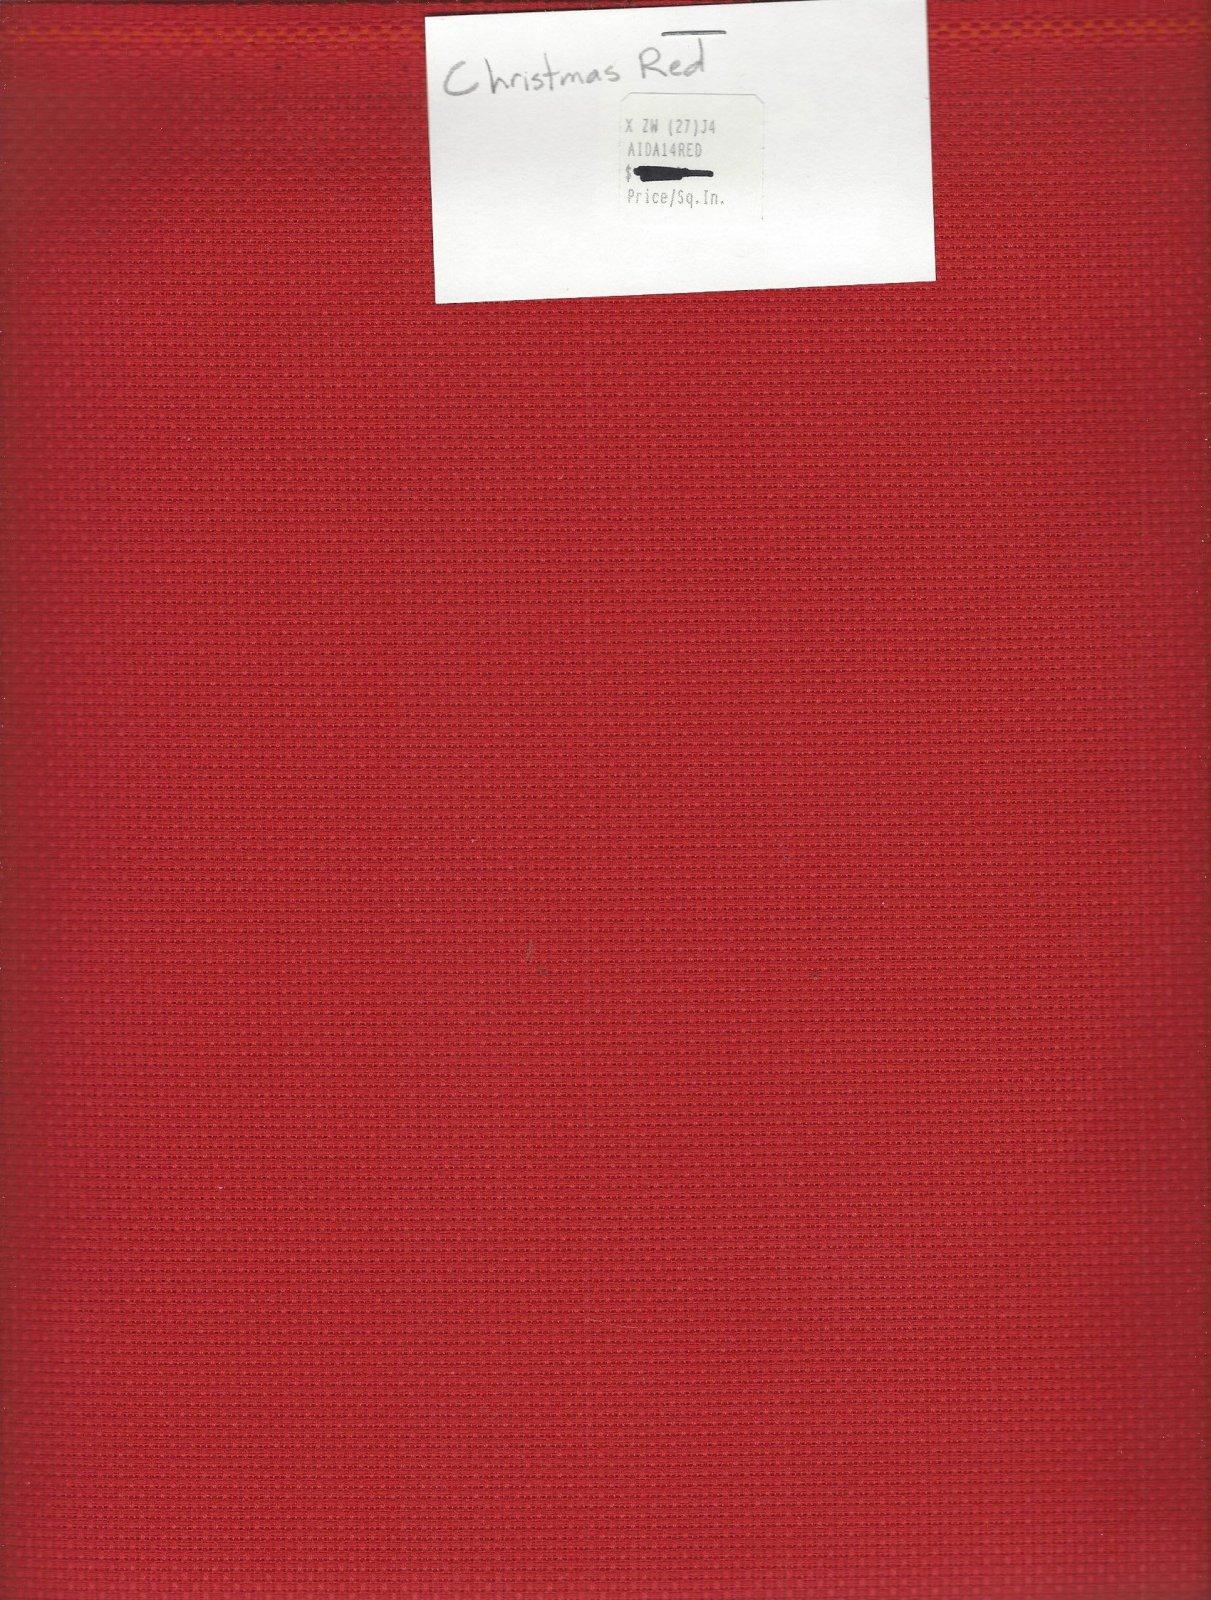 Aida 14ct Christmas Red